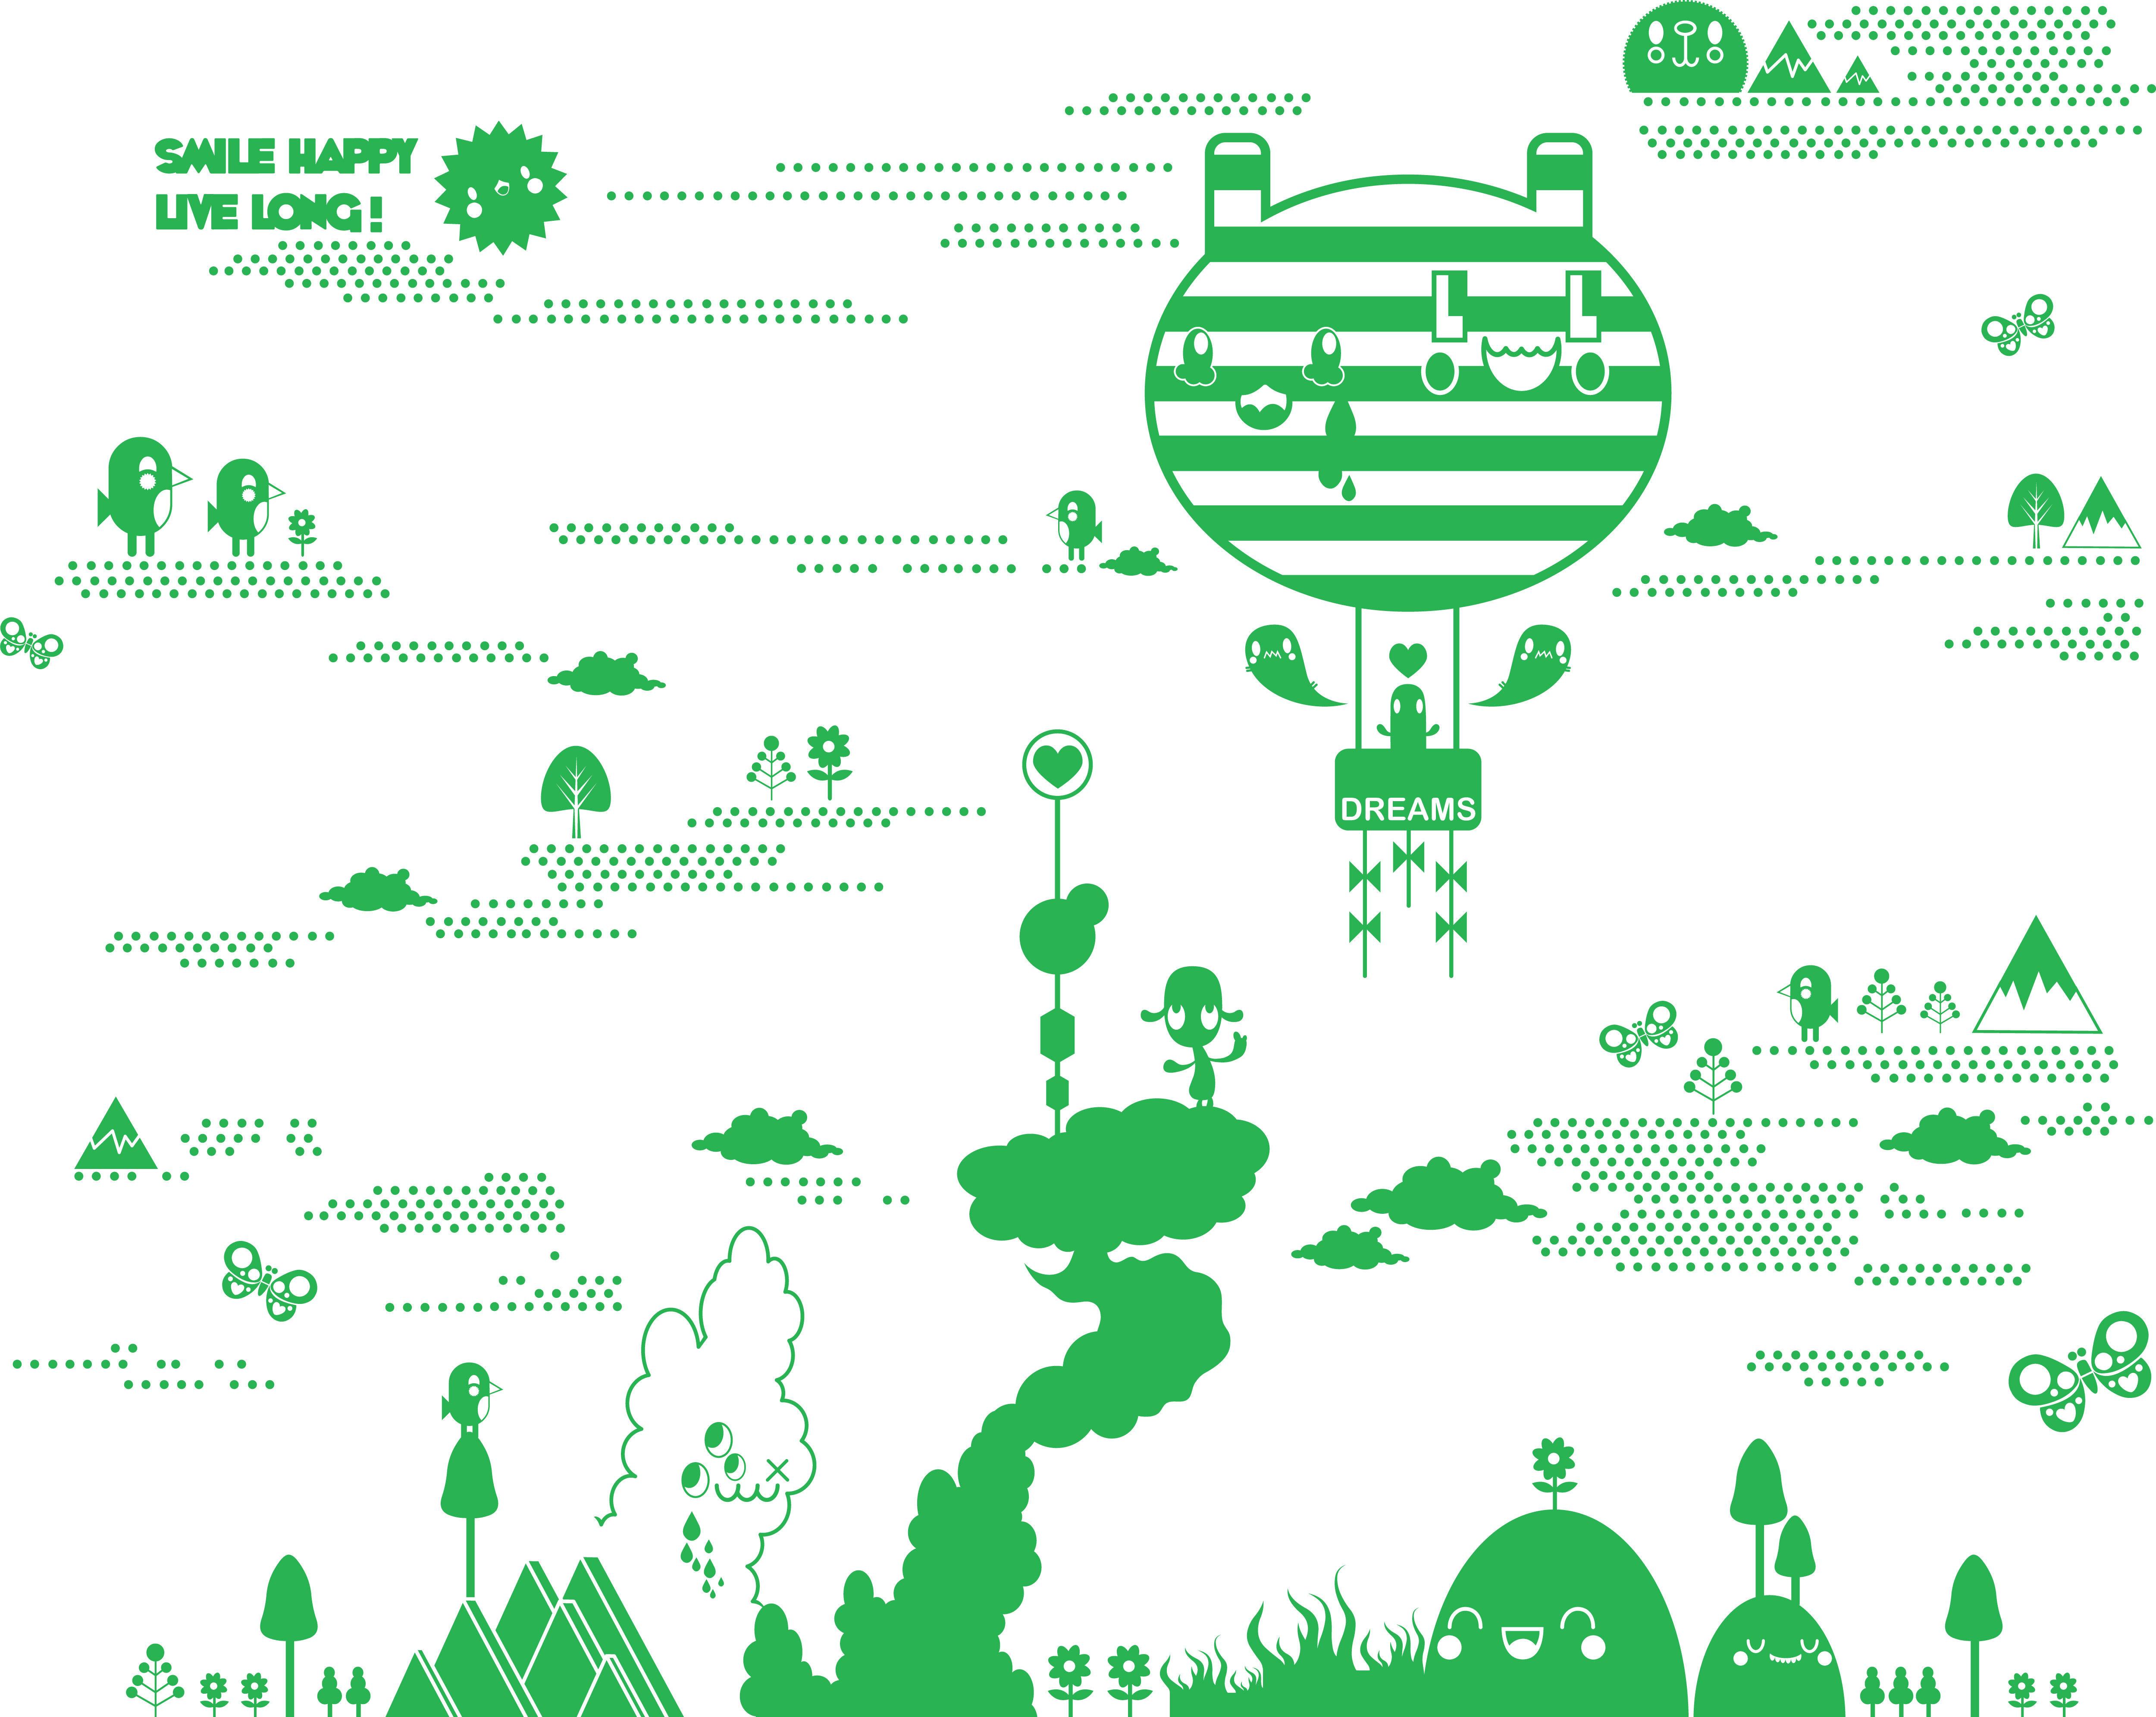 Interni - Sticker - Sticker Flora and Fauna 2 Green di Domestic - Verde - Vinile